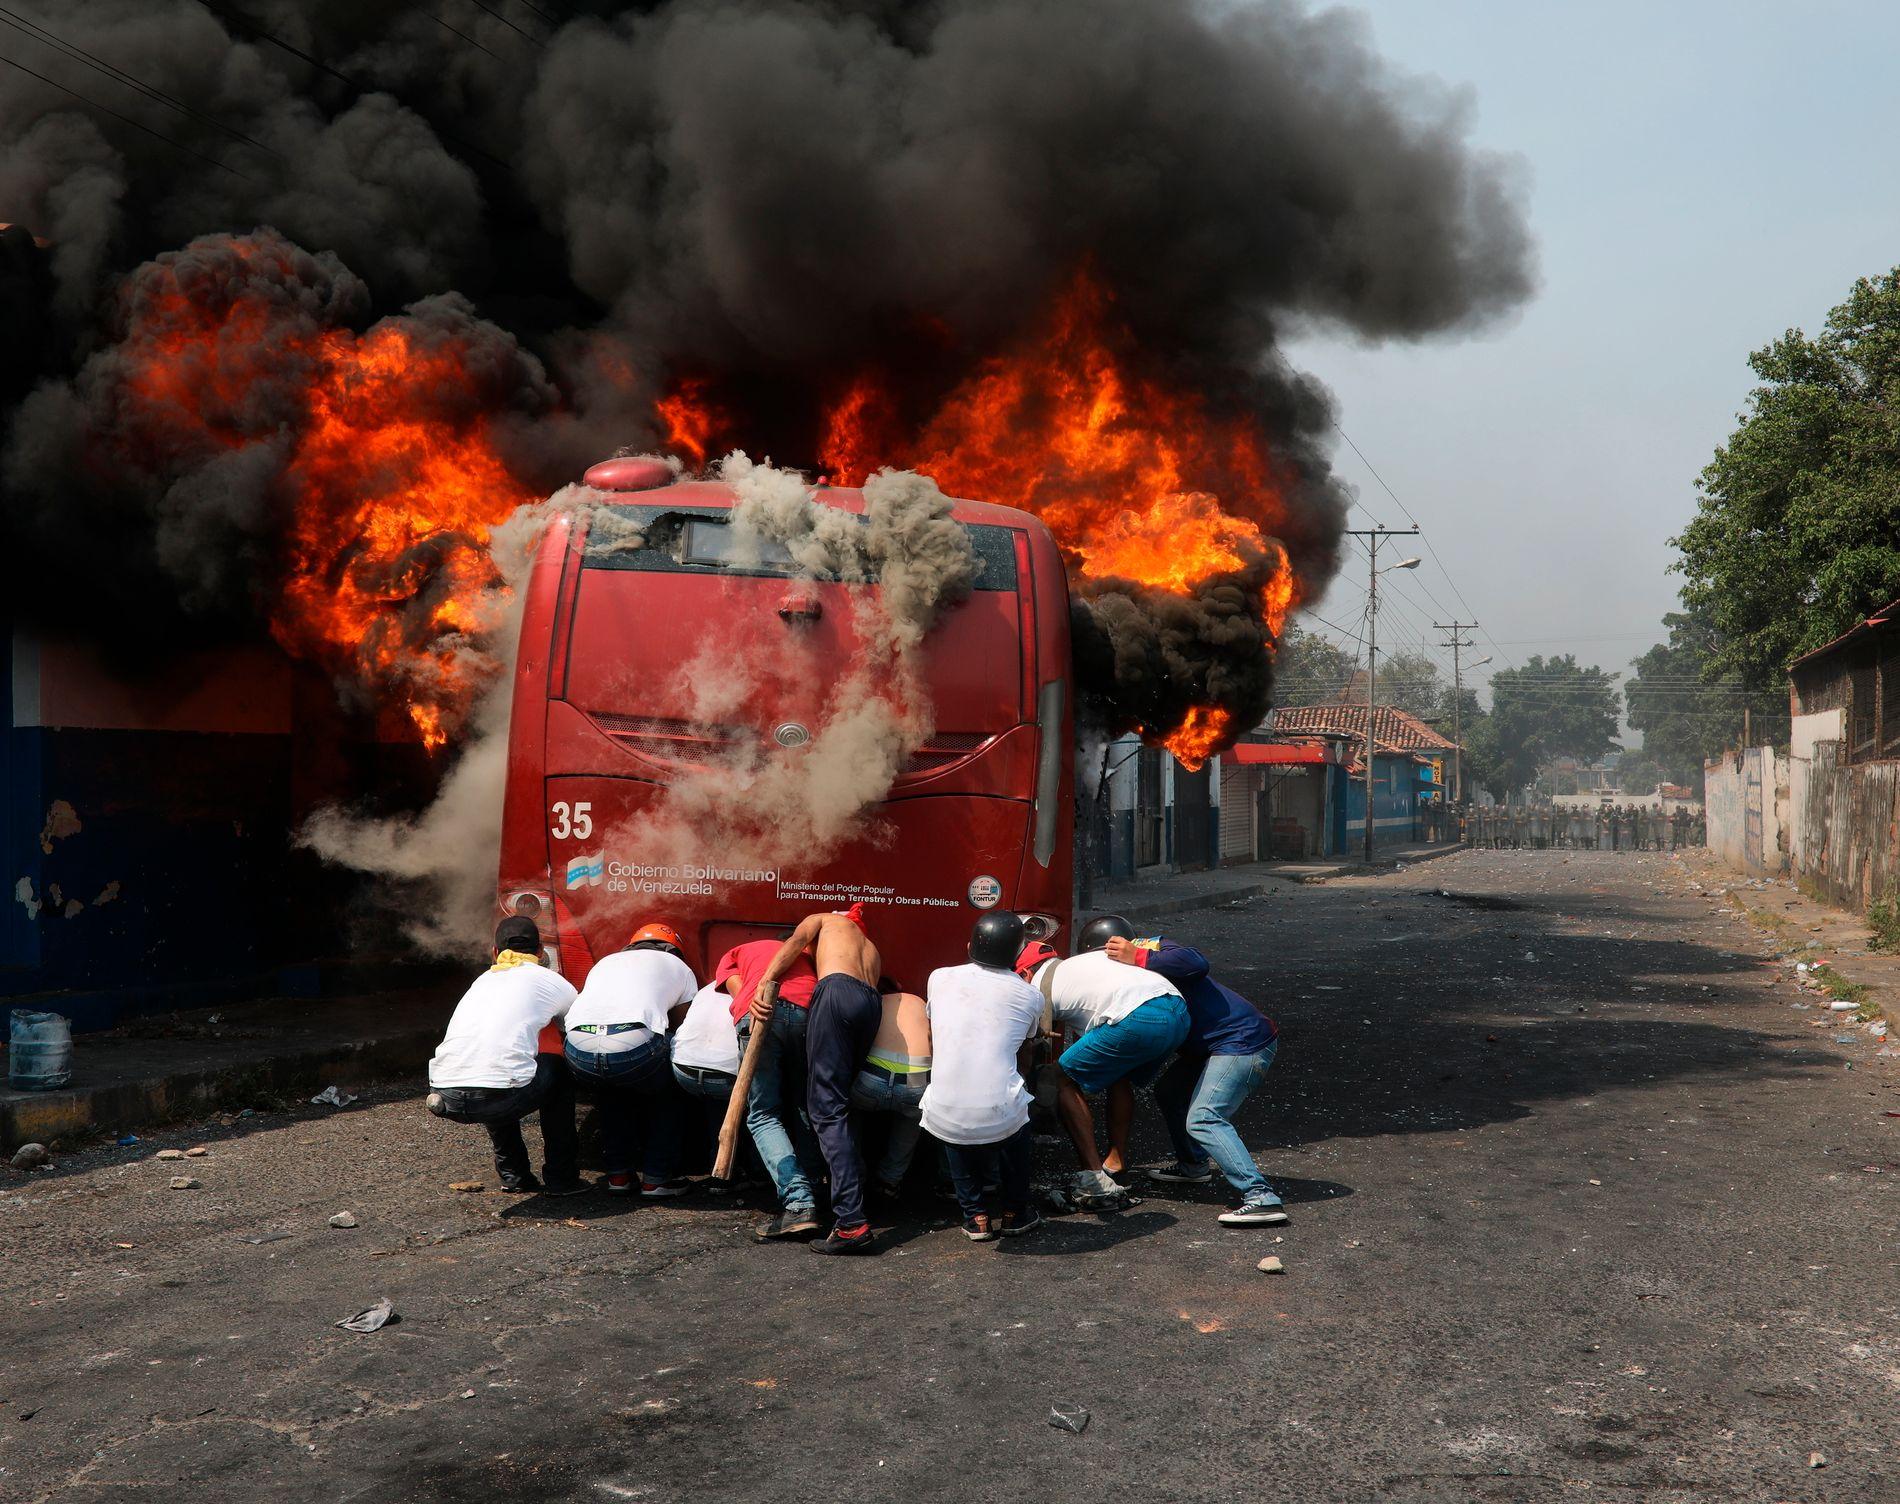 OPPTØYER: Demonstranter i byen Urena har satt fyr på en buss, venezuelanske soldater har svart med å avfyre tåregassgranater.